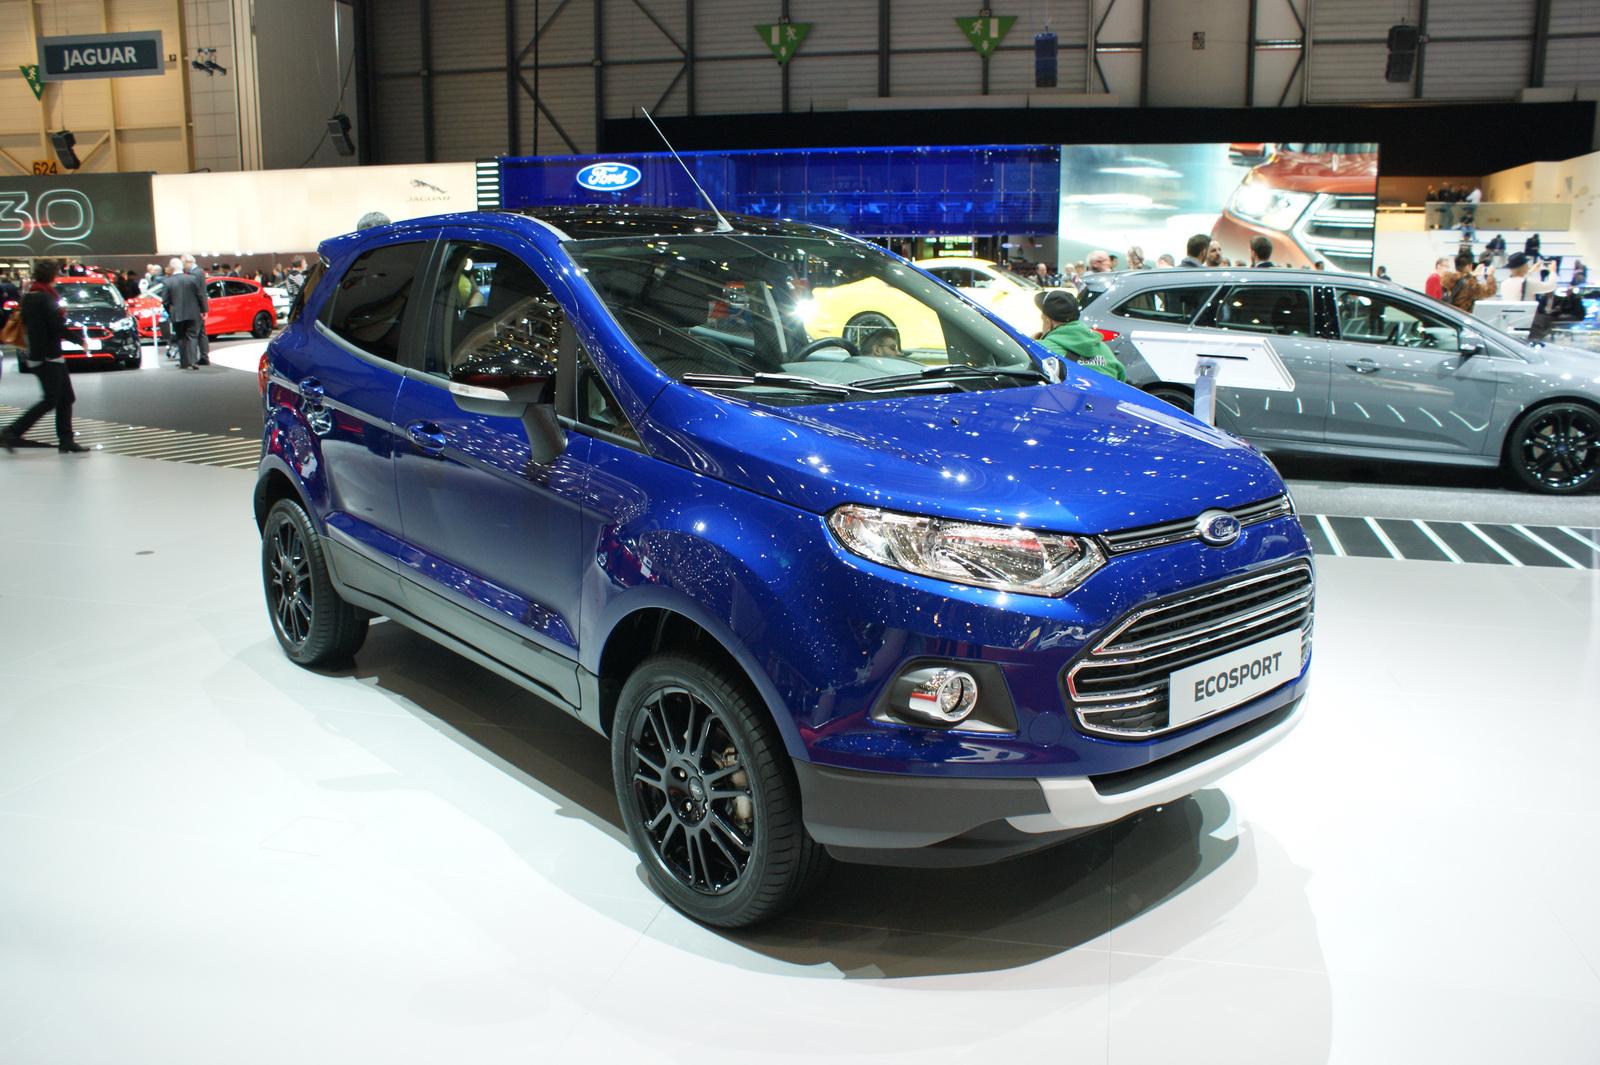 Ford giới thiệu EcoSport S cho thị trường Châu Âu